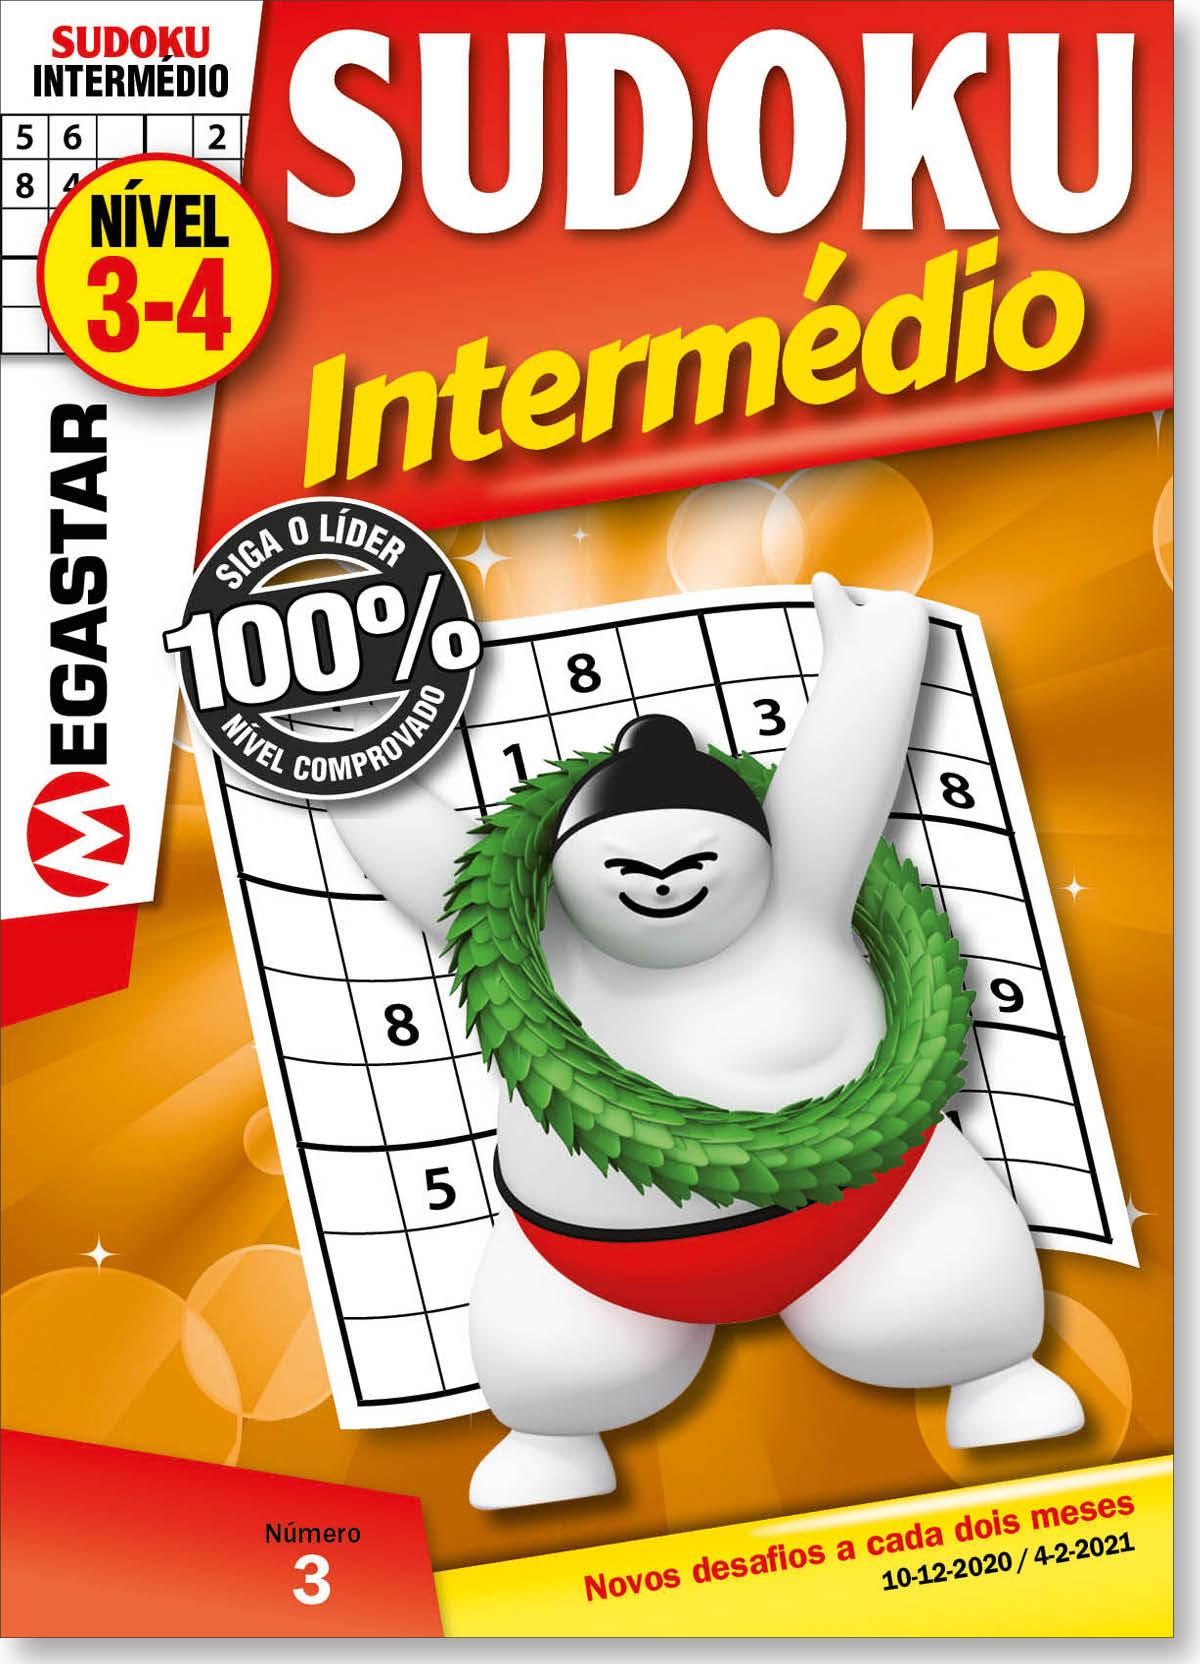 Sudoku Intermédio 3-4